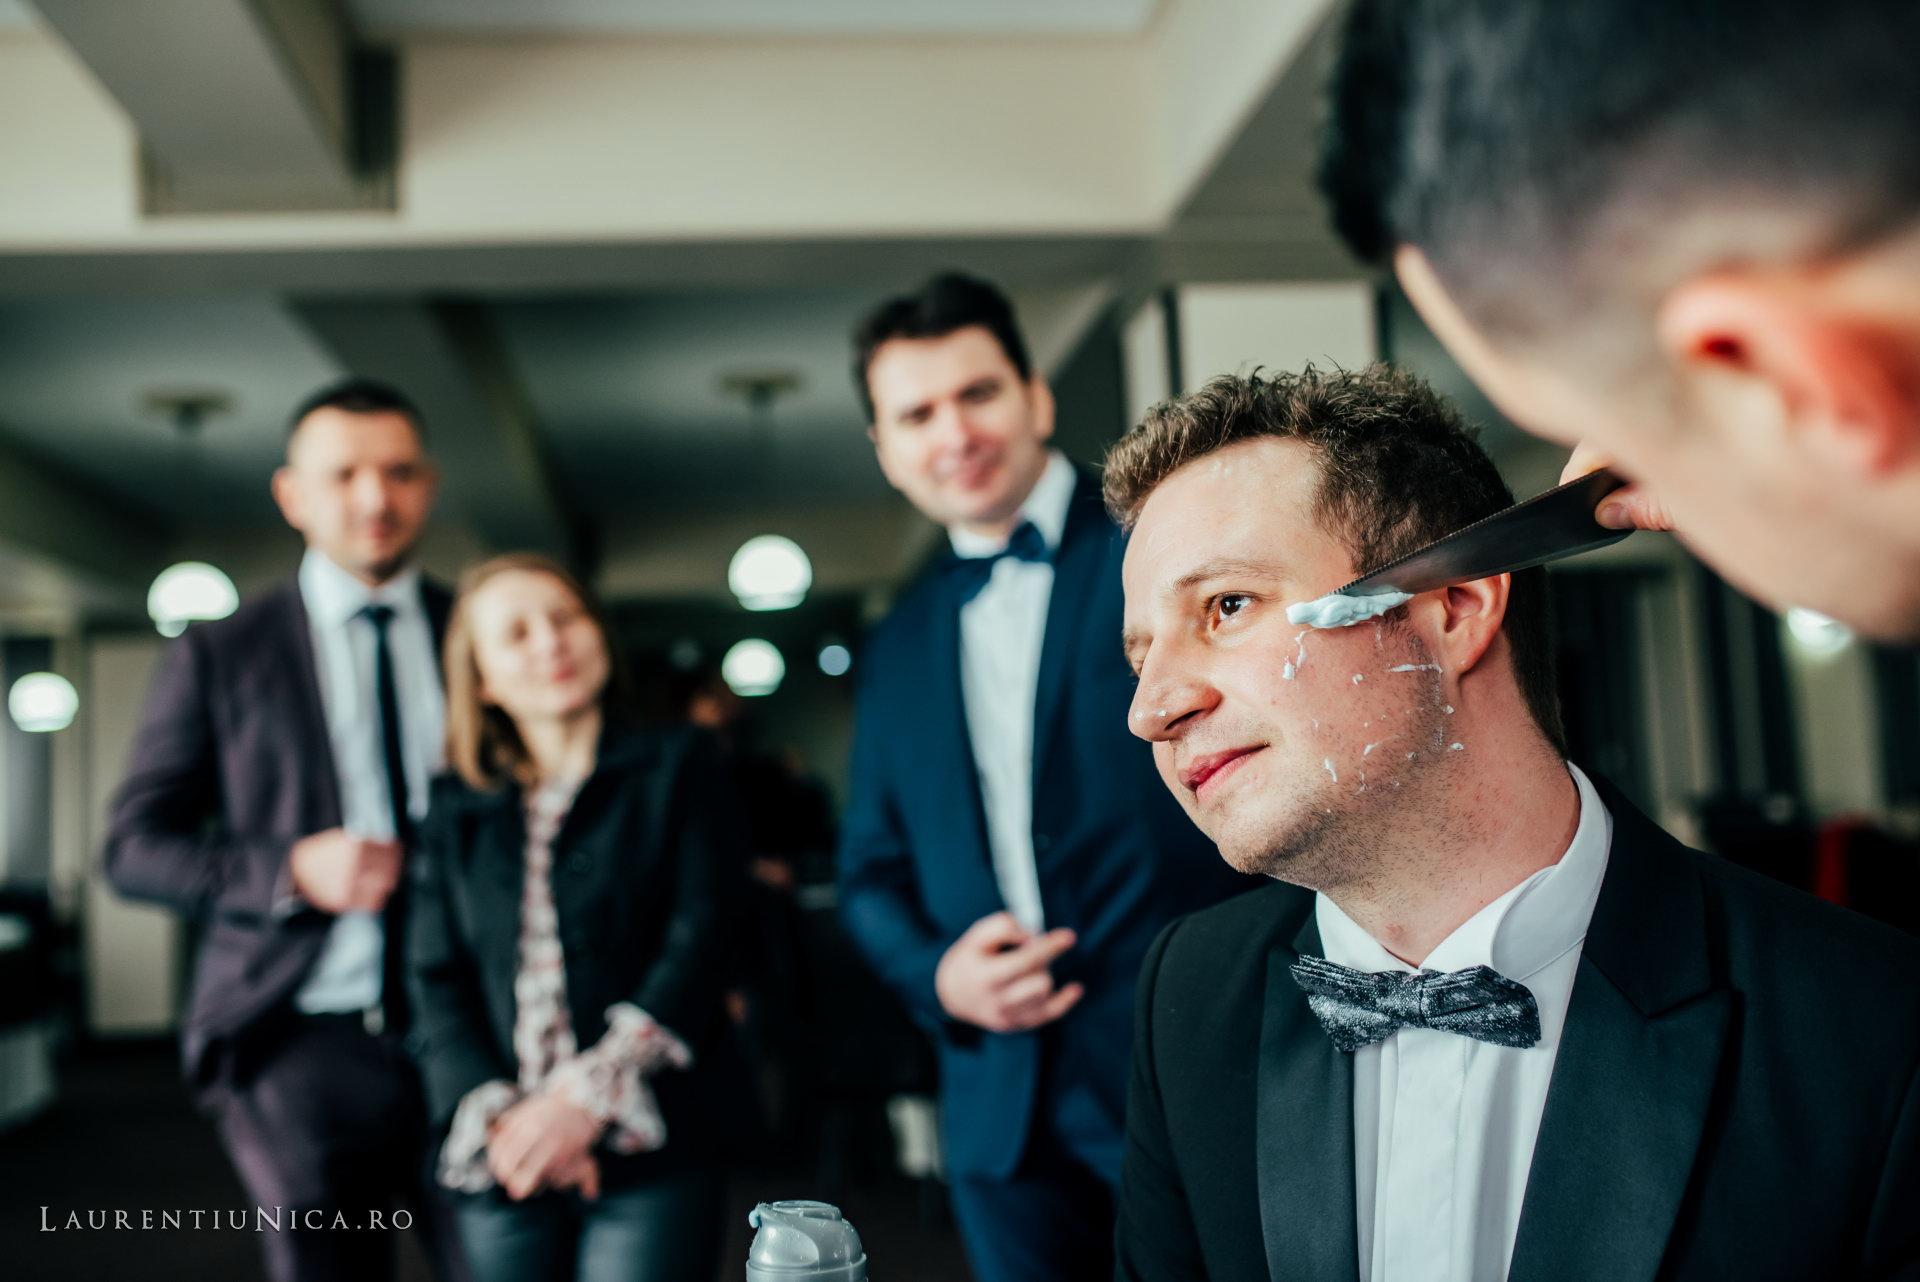 daniela si marius fotografii nunta craiova laurentiu nica13 - Daniela & Marius | Fotografii nunta